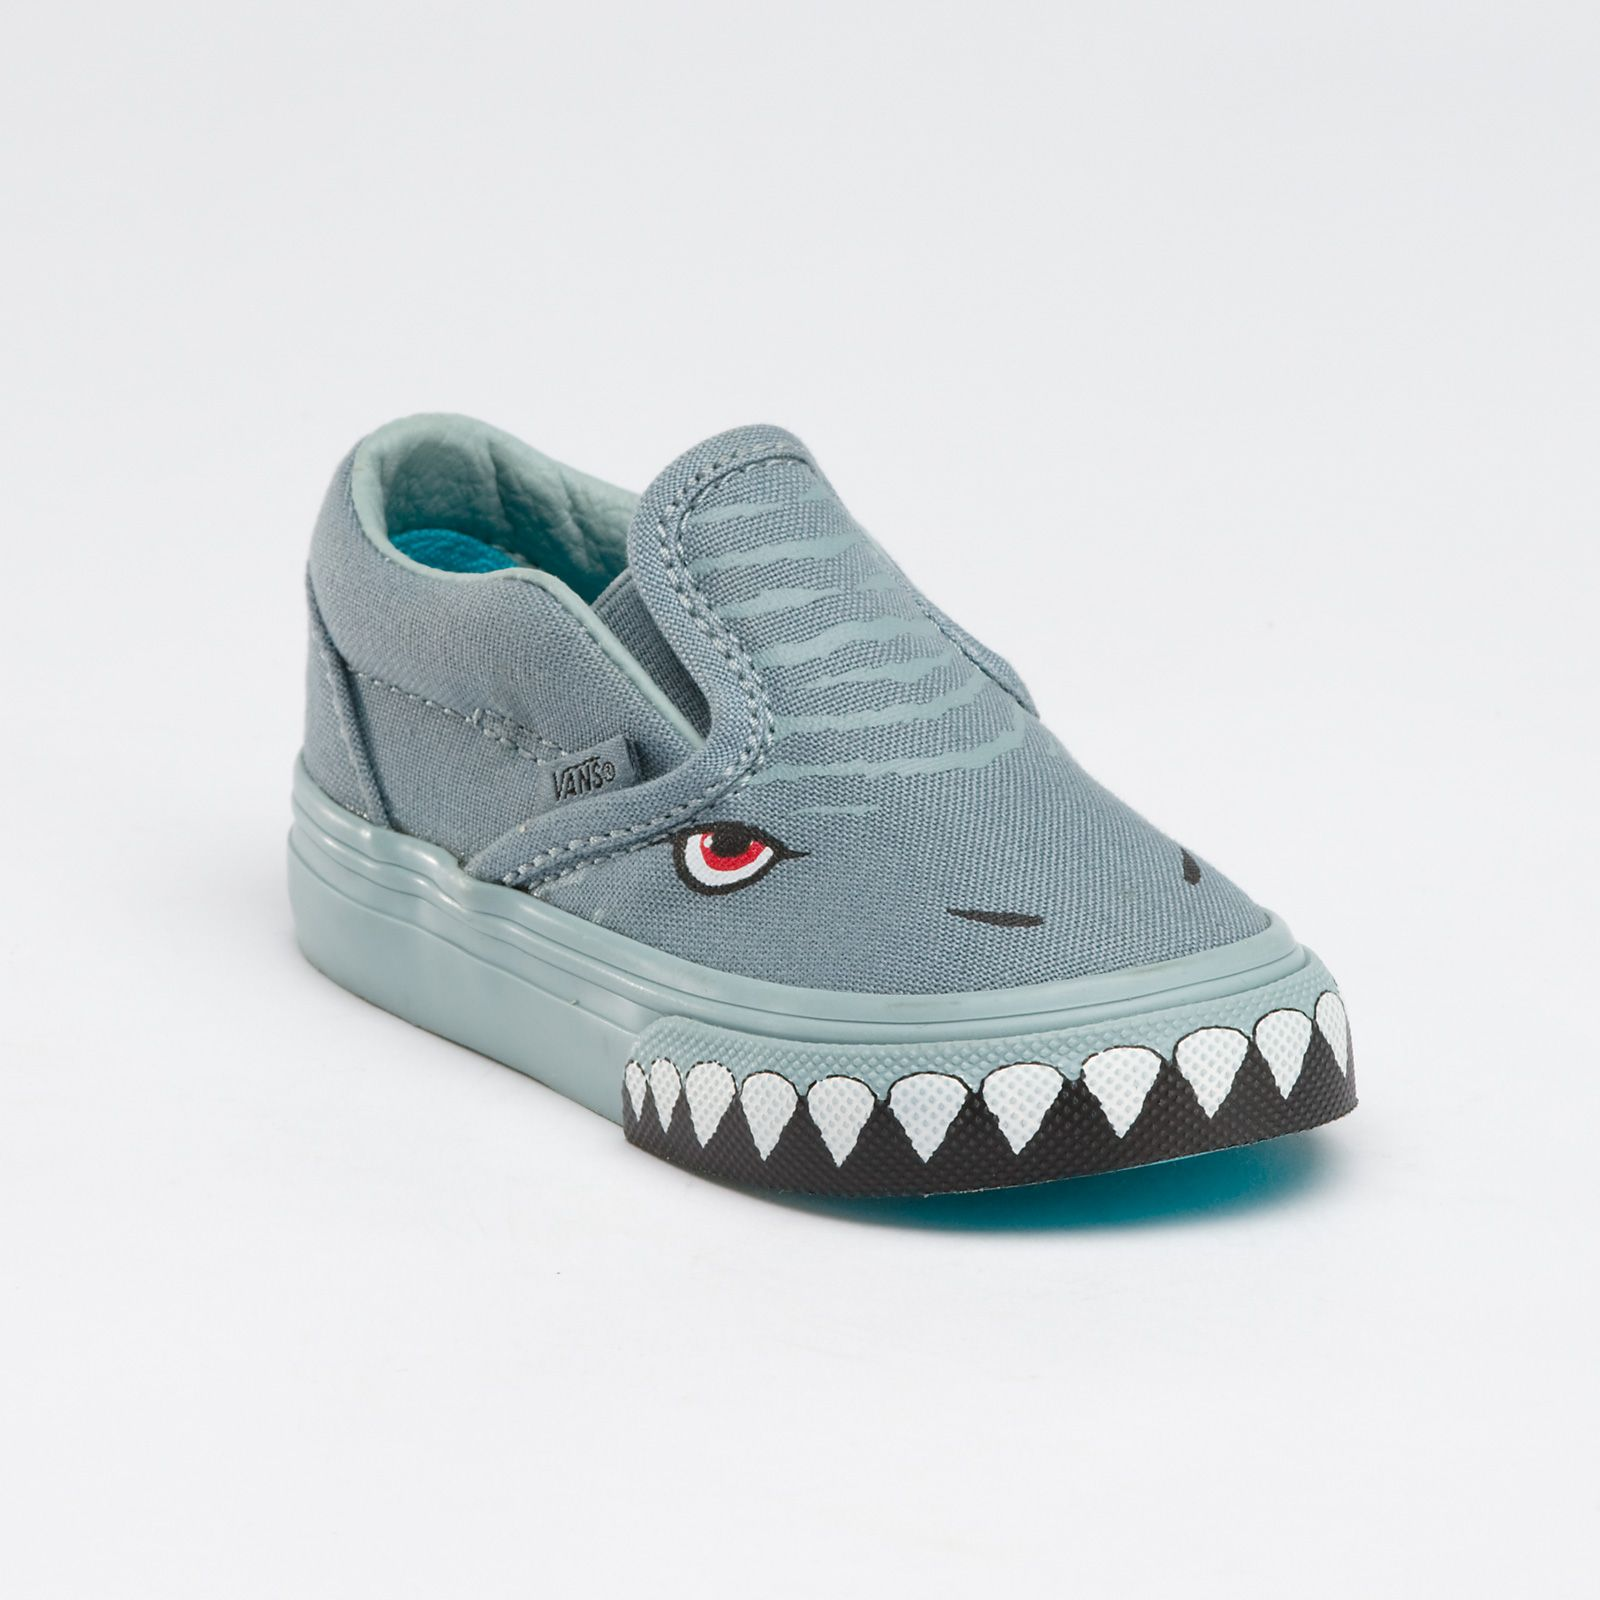 c6bdd5a4b2 Vans Shark Slip-On